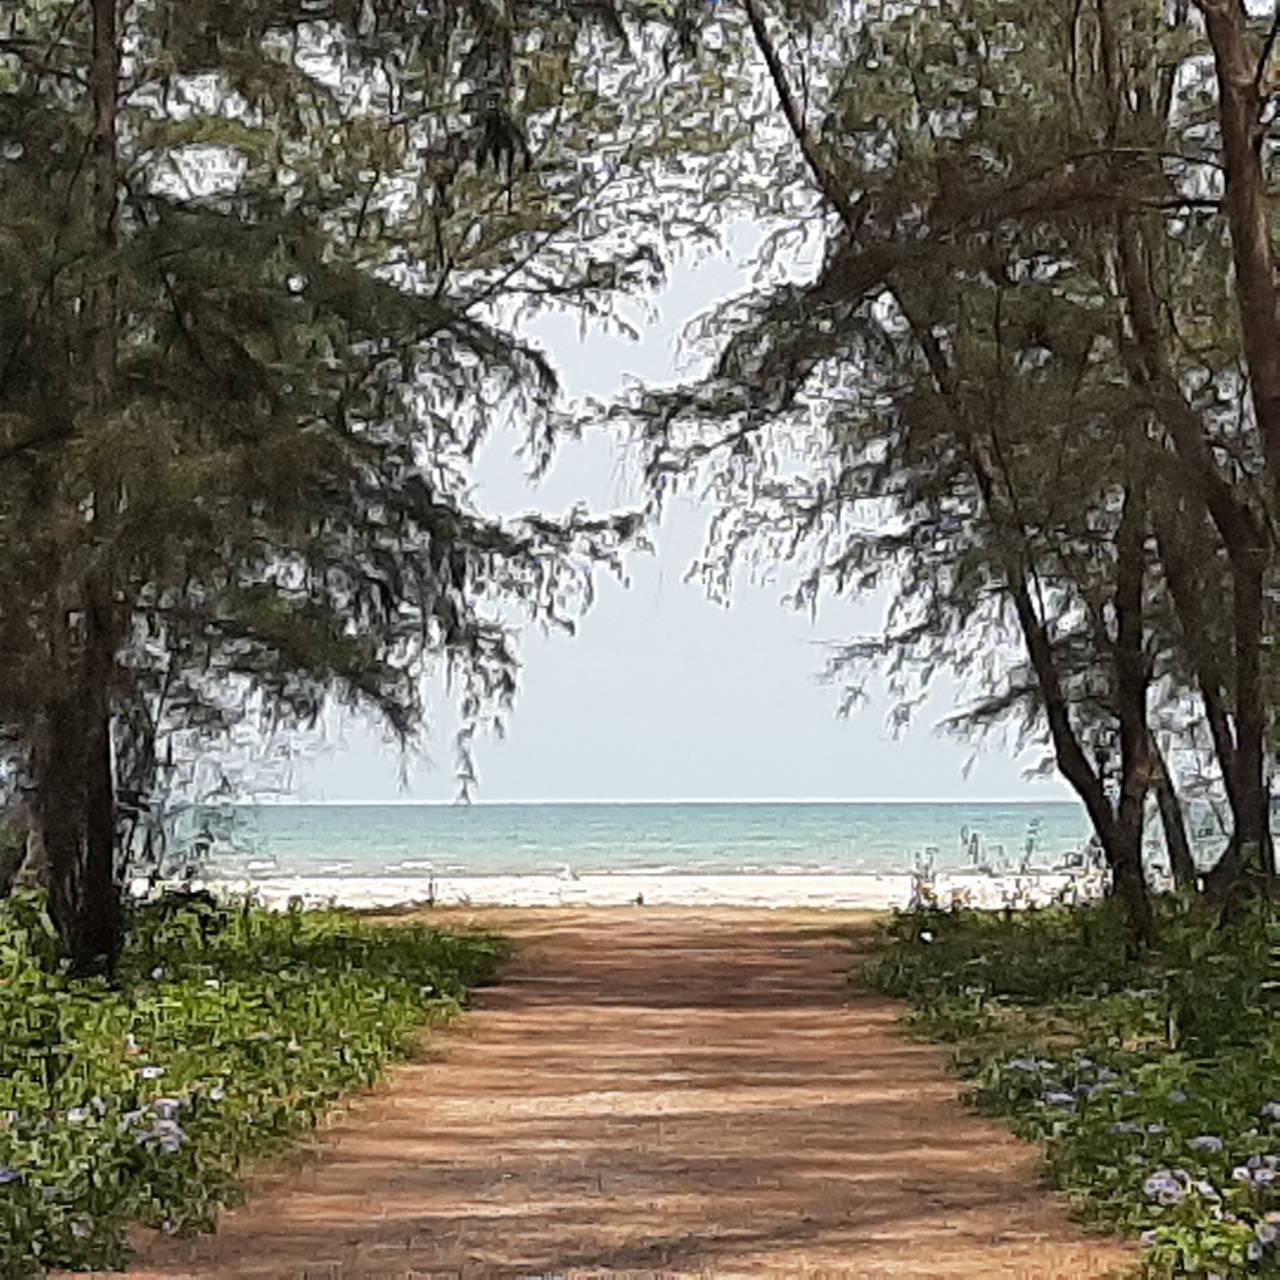 ขายถูก ที่ดินติดทะเล ระยอง ชายหาดเป็นส่วนตัว 2 ไร่ บ้านในฝันของครอบครัว